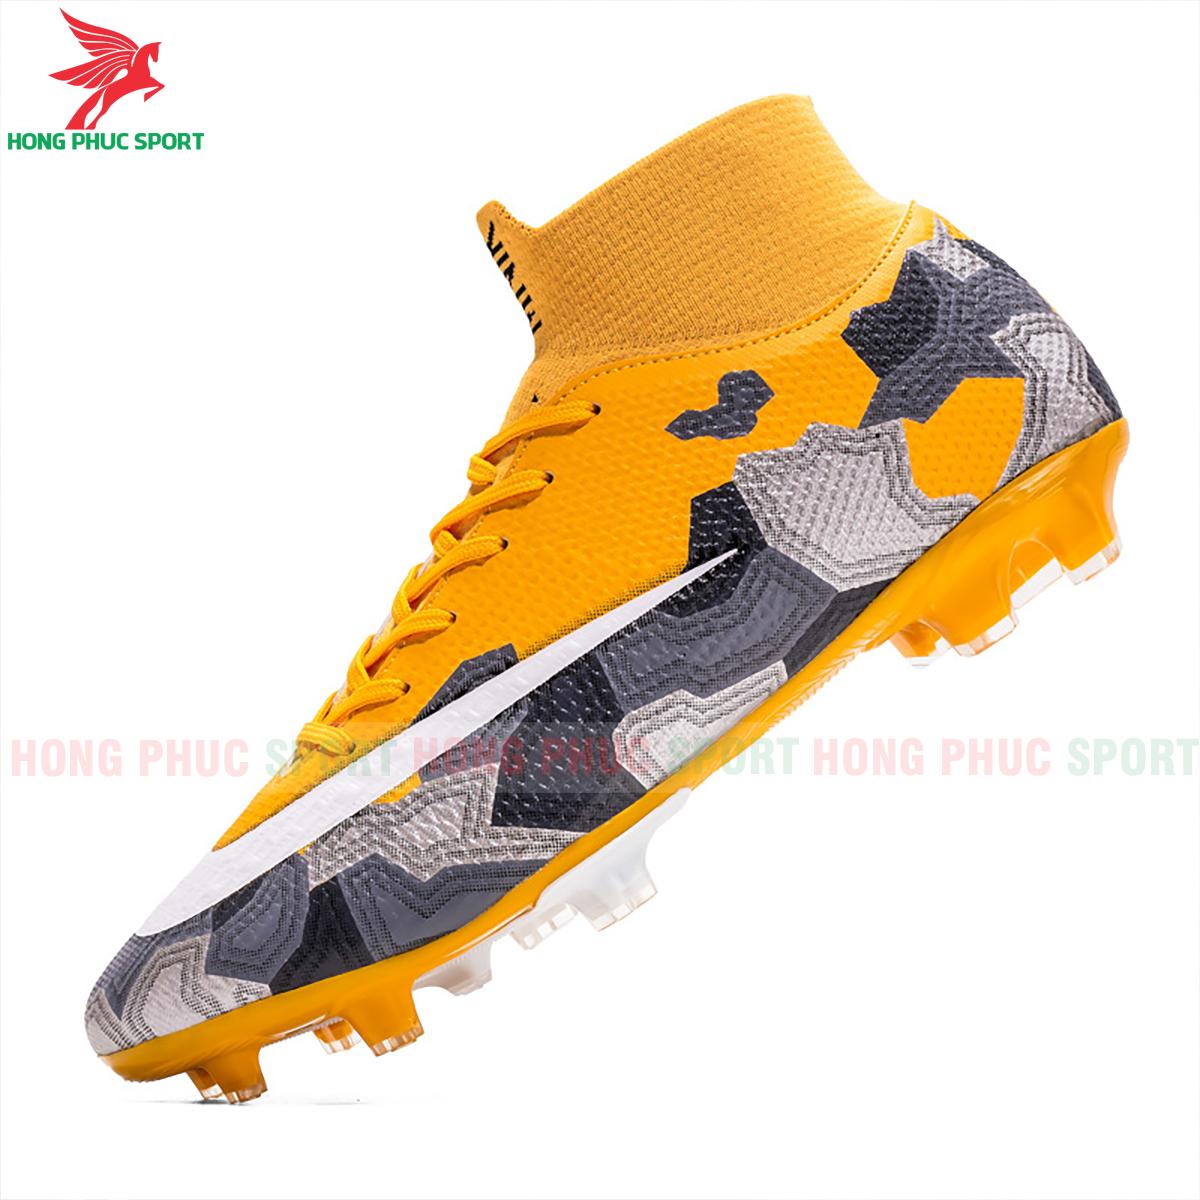 Giày đá banh Superfly VII Mbappe V2 2020 FG mẫu 1 màu vàng (3)